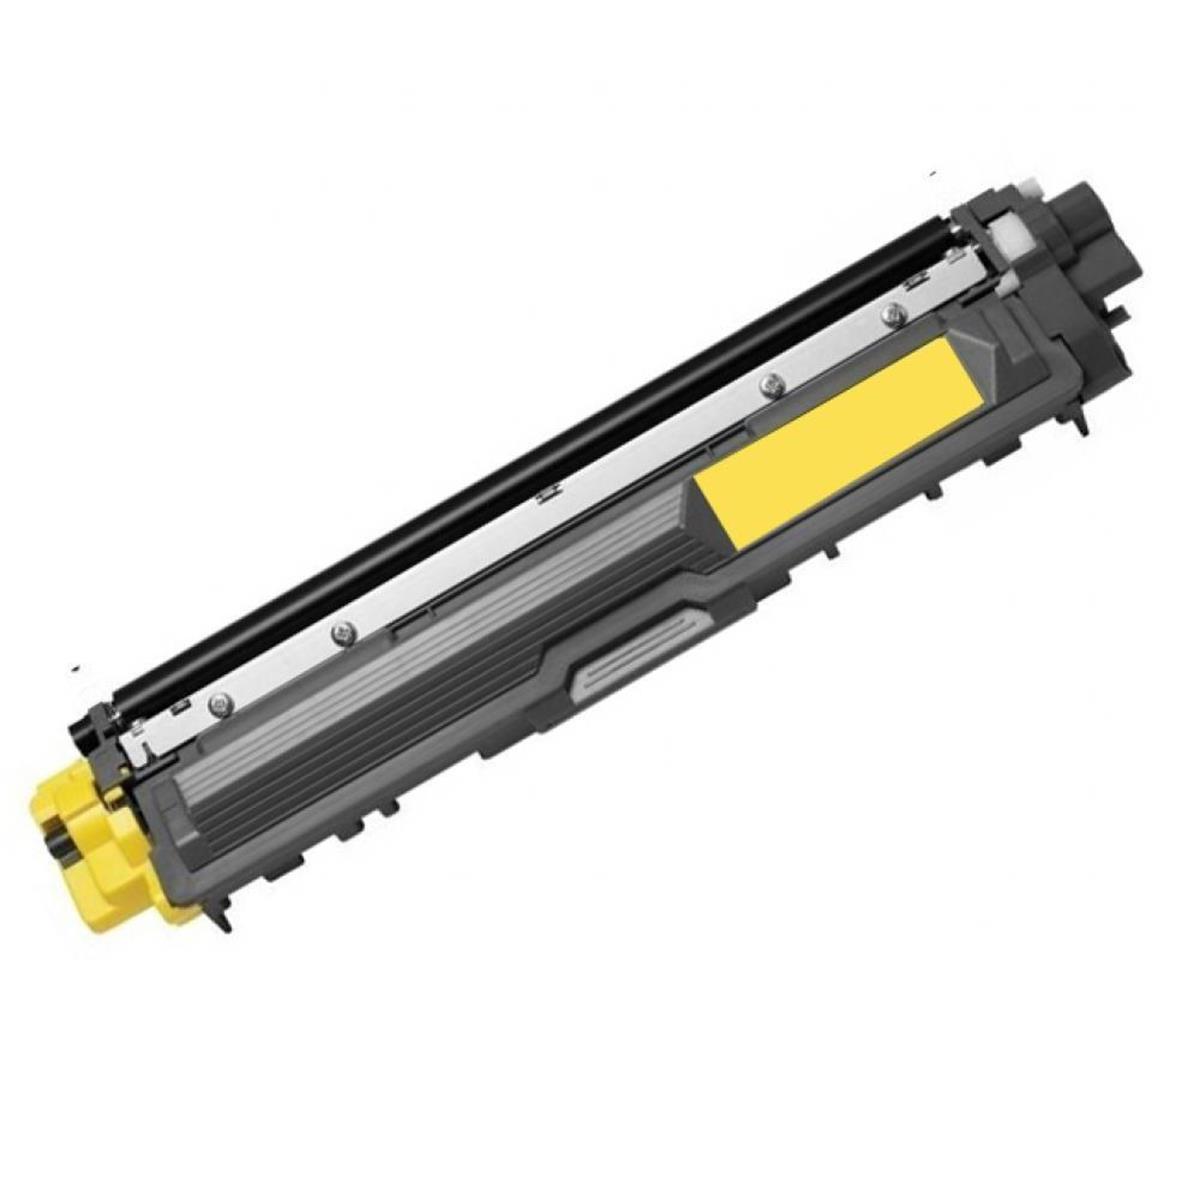 Toner Brother TN-221Y TN221 Amarelo | HL3140 HL3170 MFC9130 MFC9330 MFC9020 | Premium 1.4k